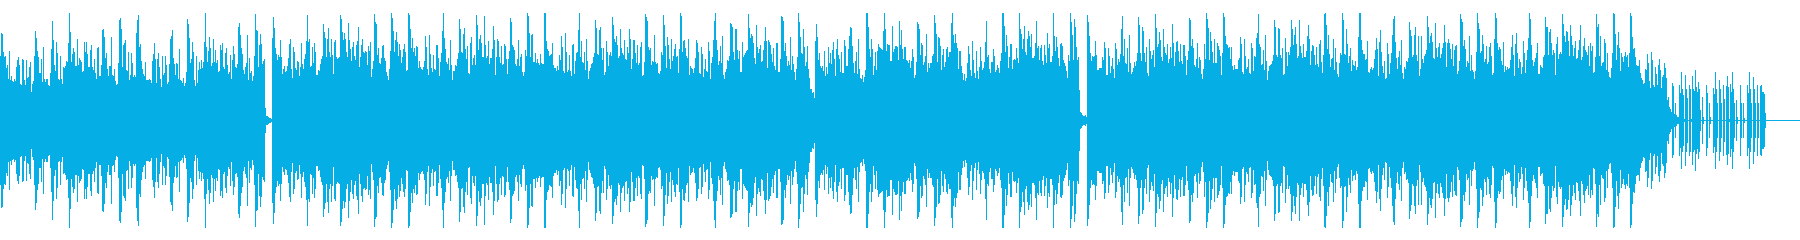 ノスタルジックなLo-Fi Beatsの再生済みの波形